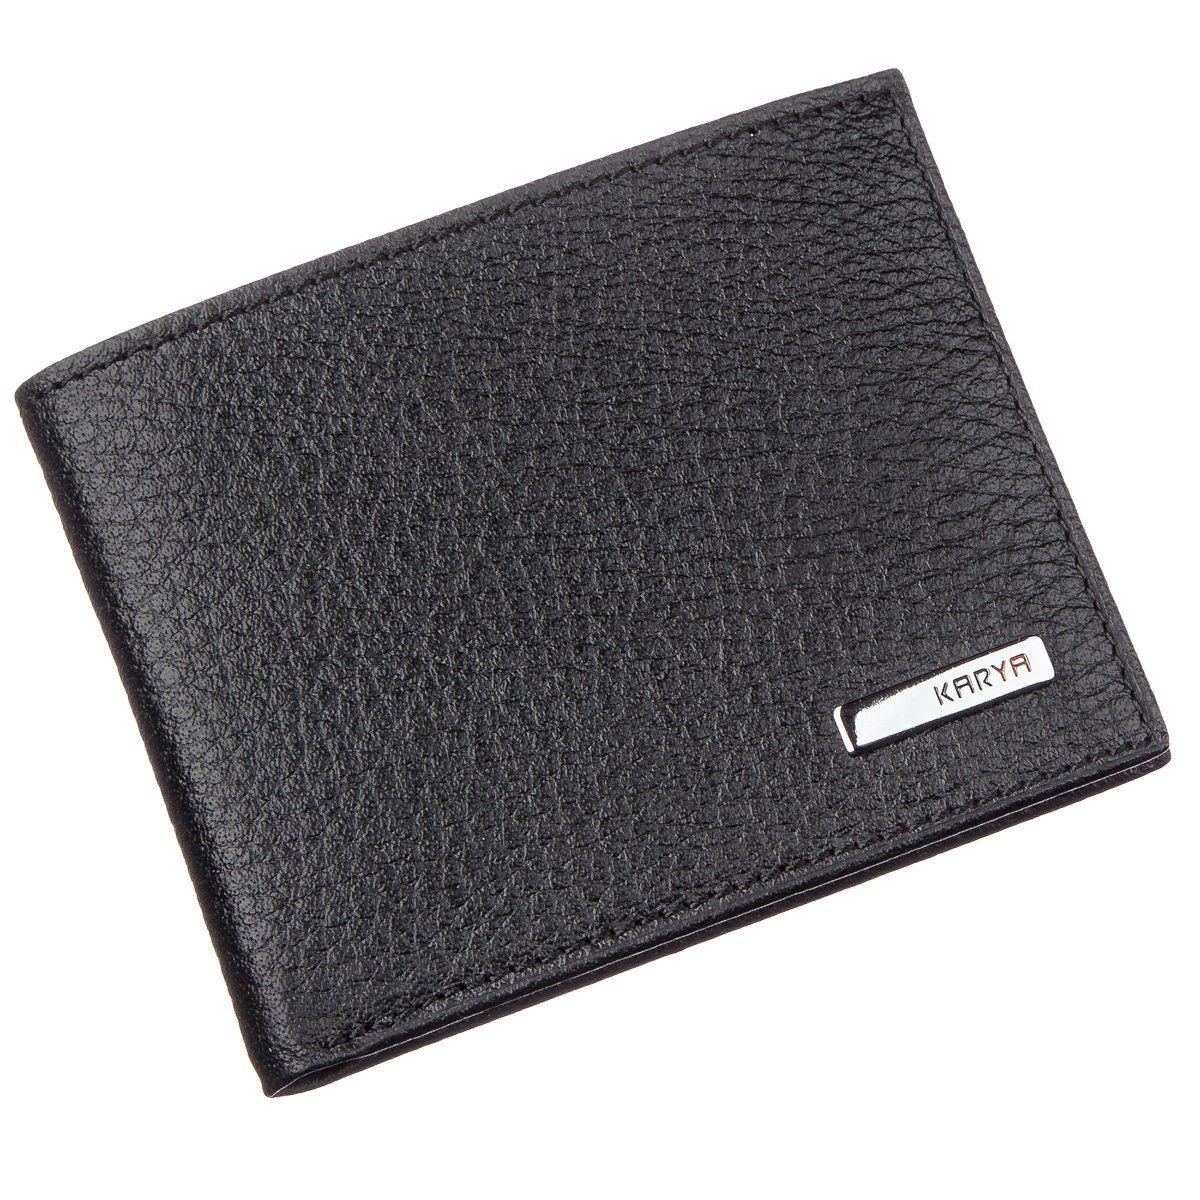 Тонкий мужской бумажник кожа флотар KARYA 17381 Черный